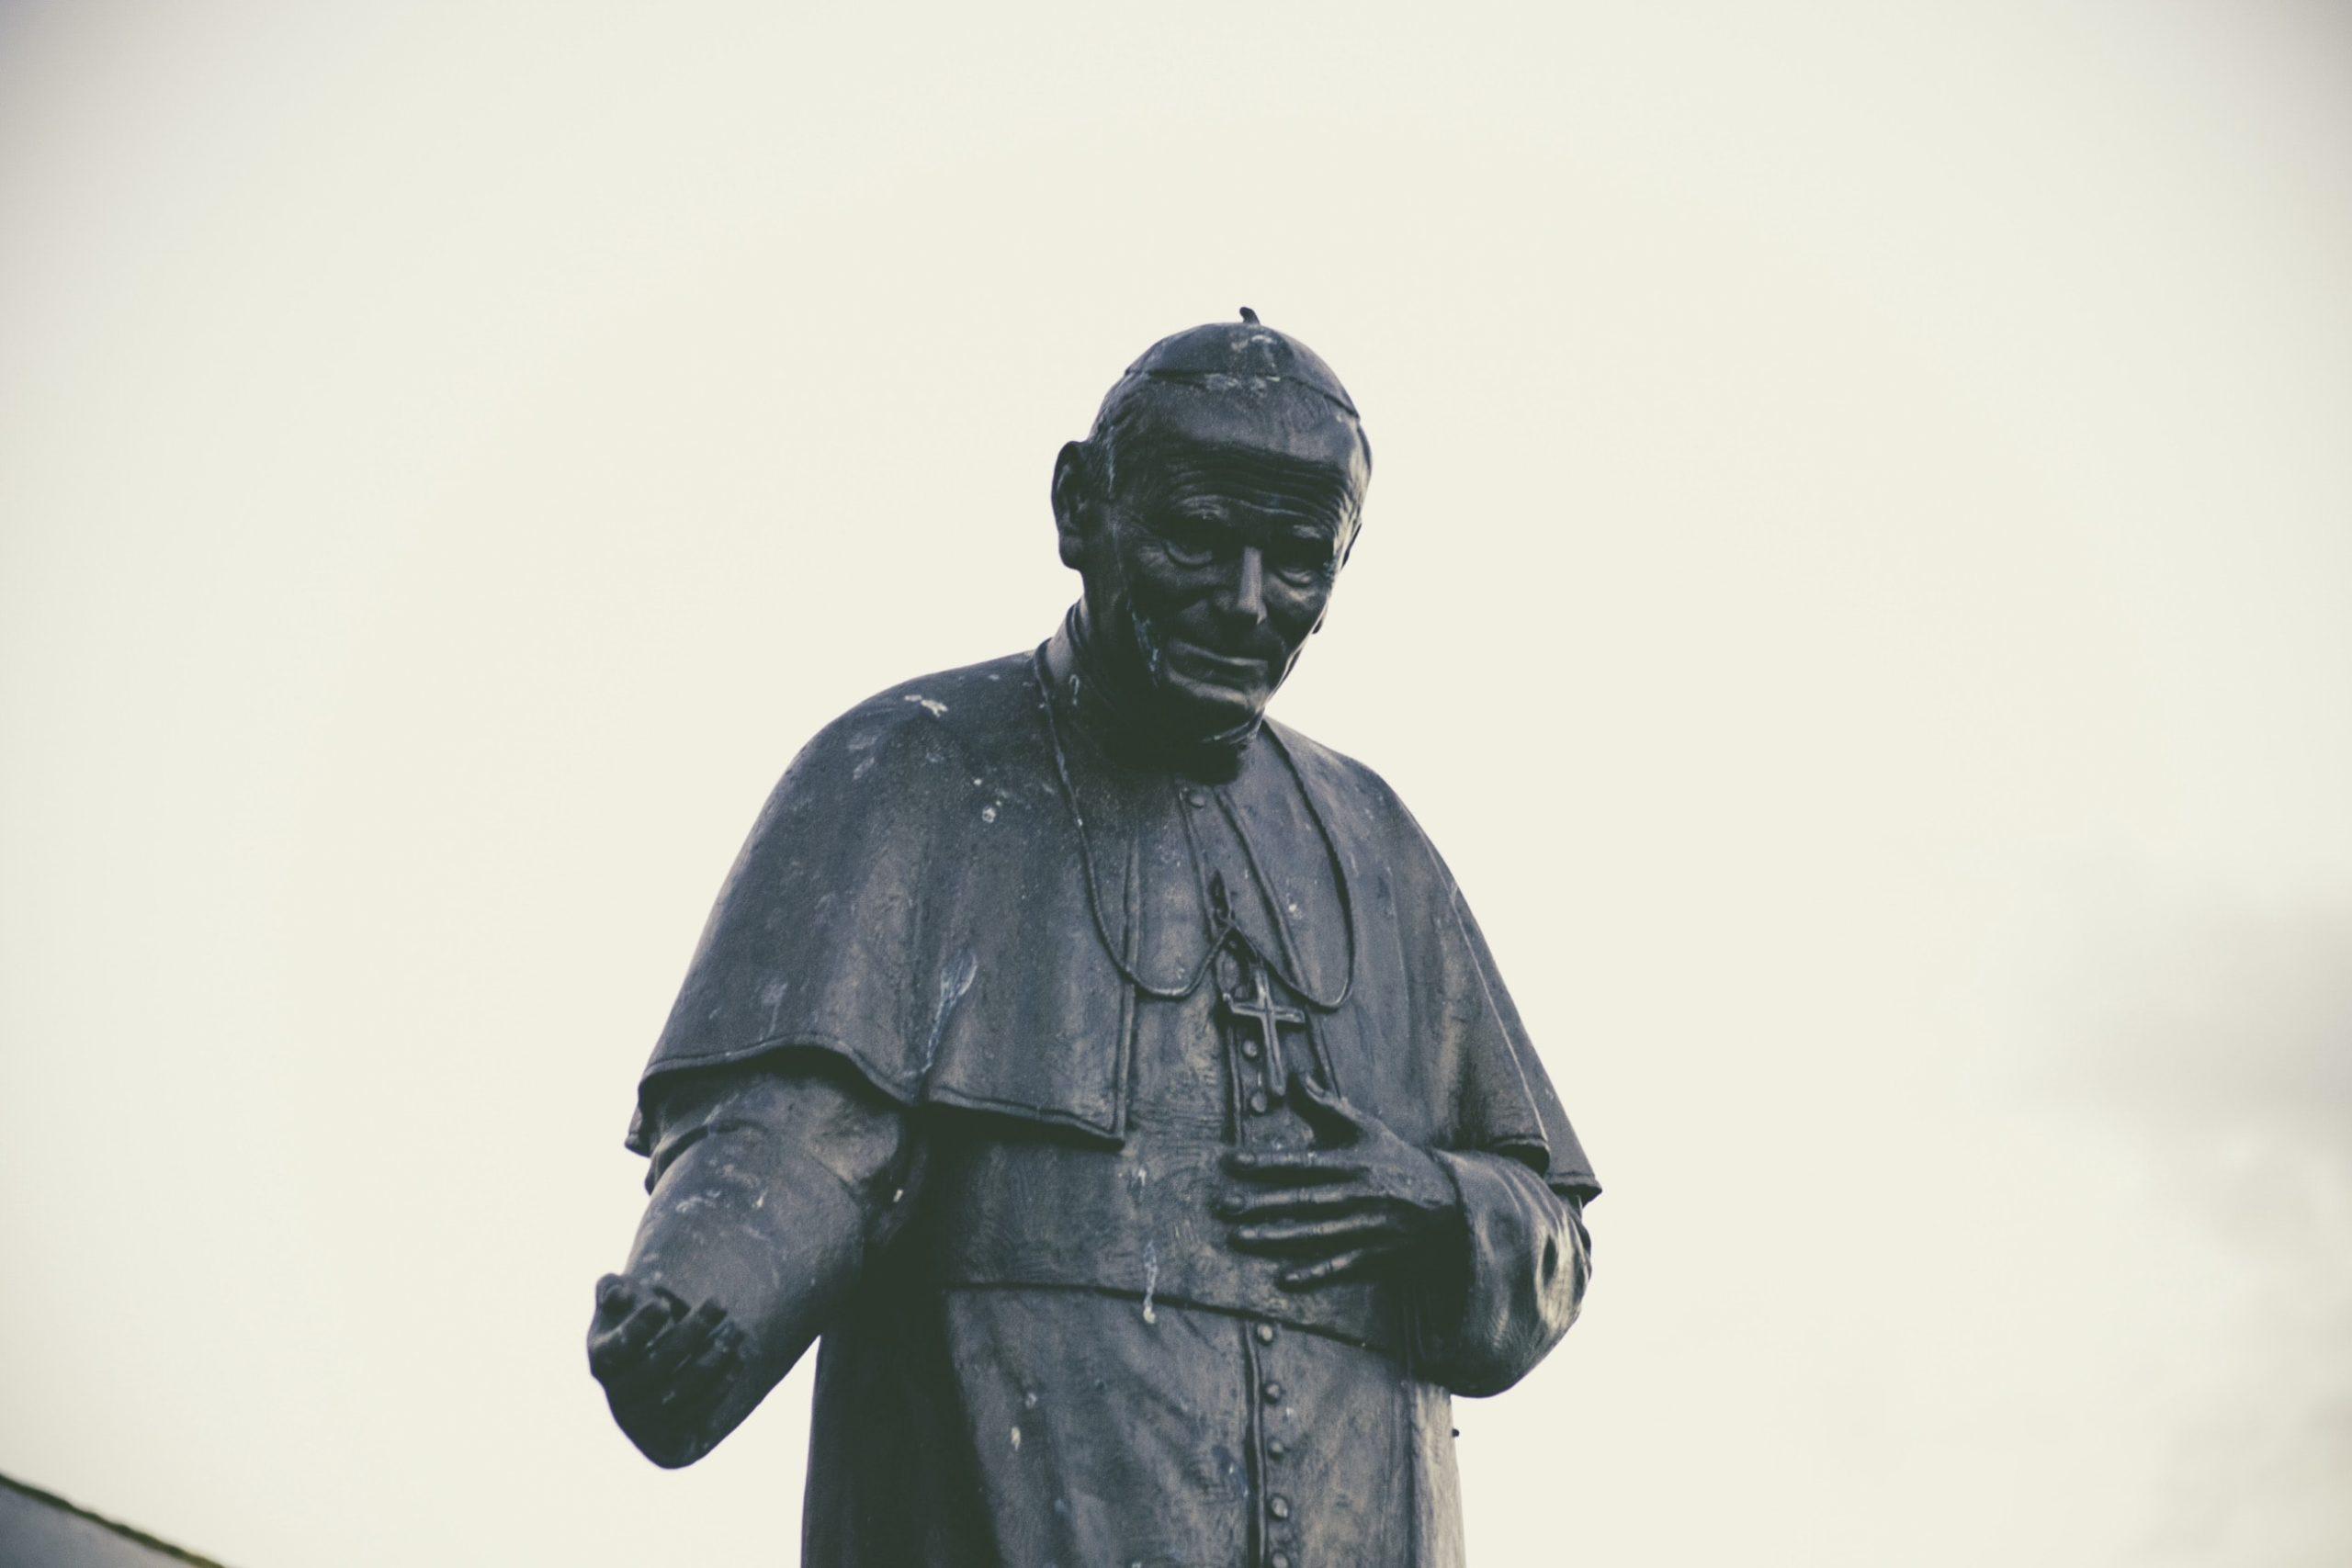 Das Bild zeigt eine Statue von Papst Johannes Paul II.